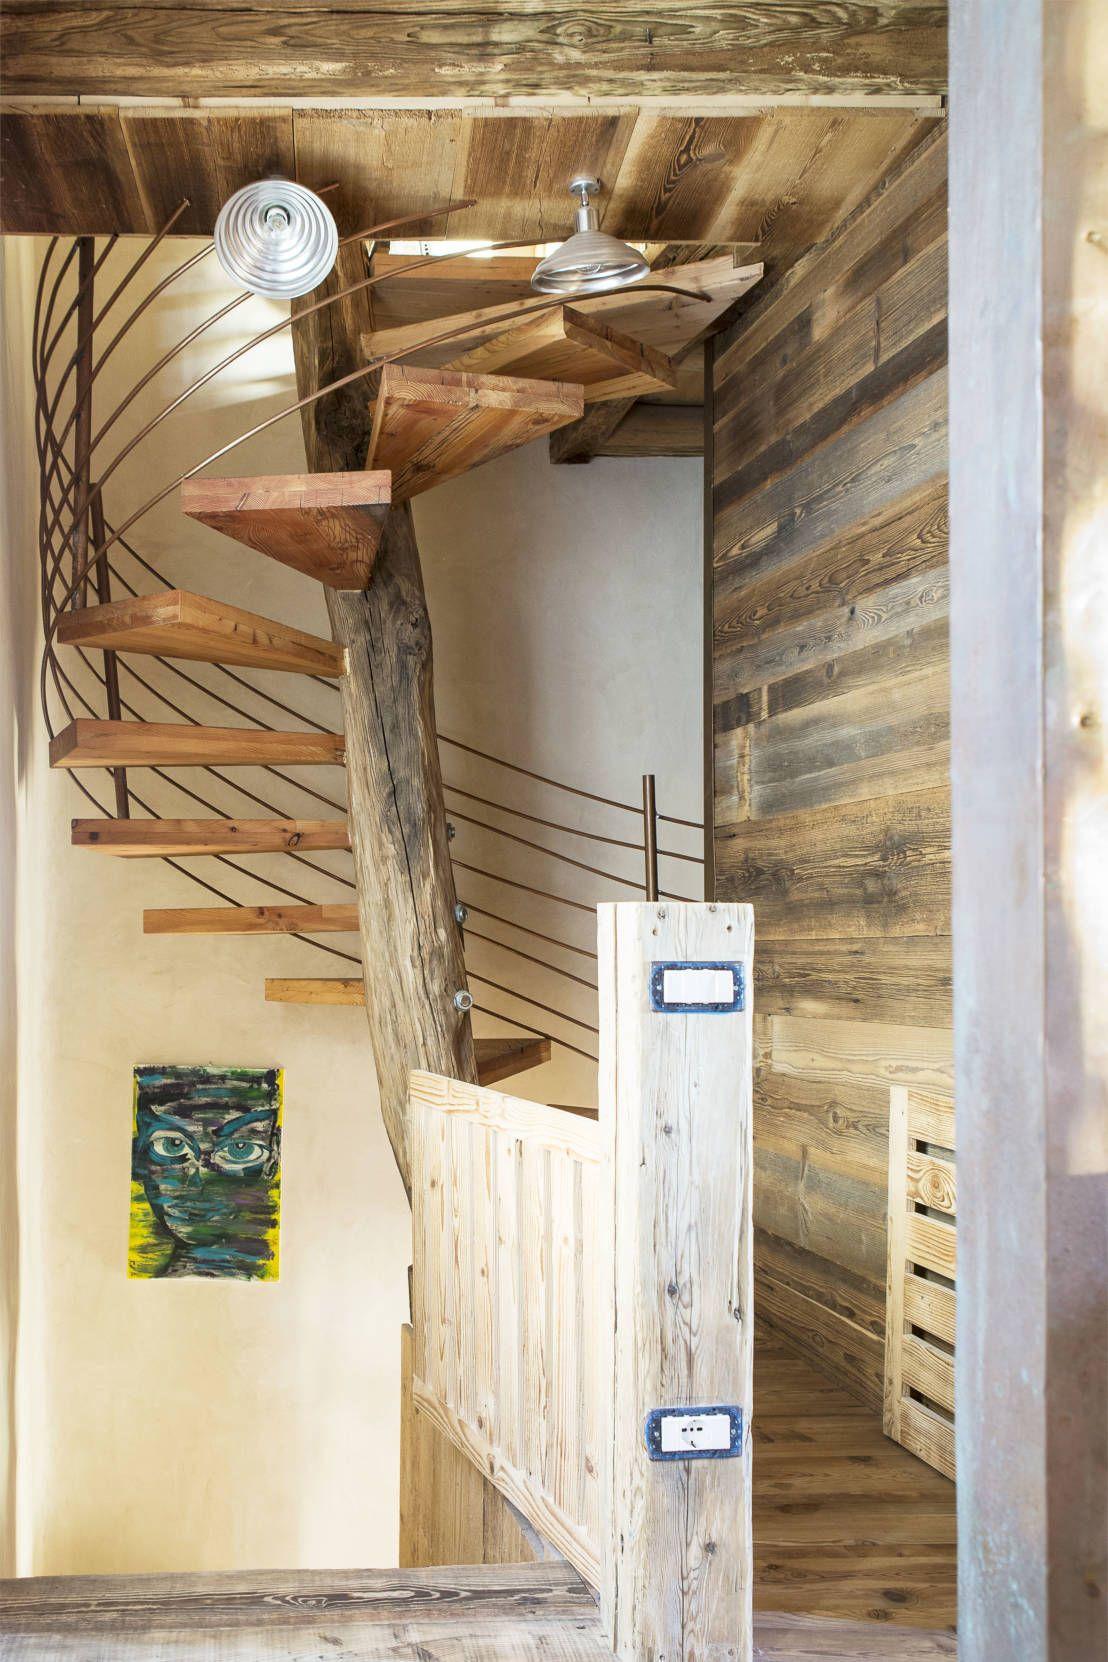 Wohnideen aus Holz für ein gemütliches Zuhause | Scale, Staircases ...